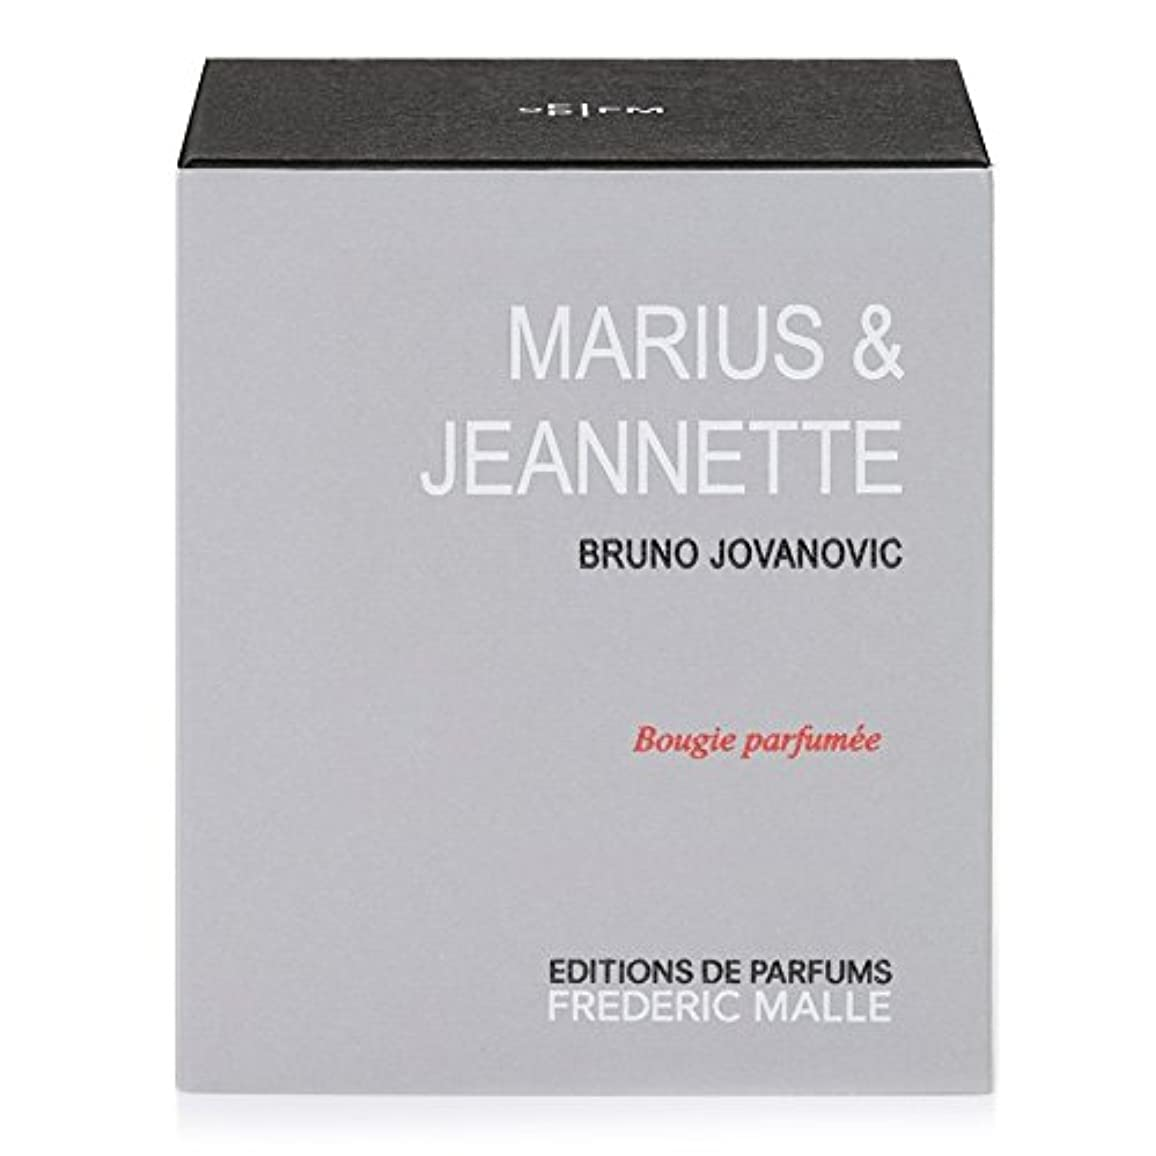 価値ダンス量でFrederic Malle Maruis and Jeanette Scented Candle - フレデリック?マル とジャネット?香りのキャンドル [並行輸入品]